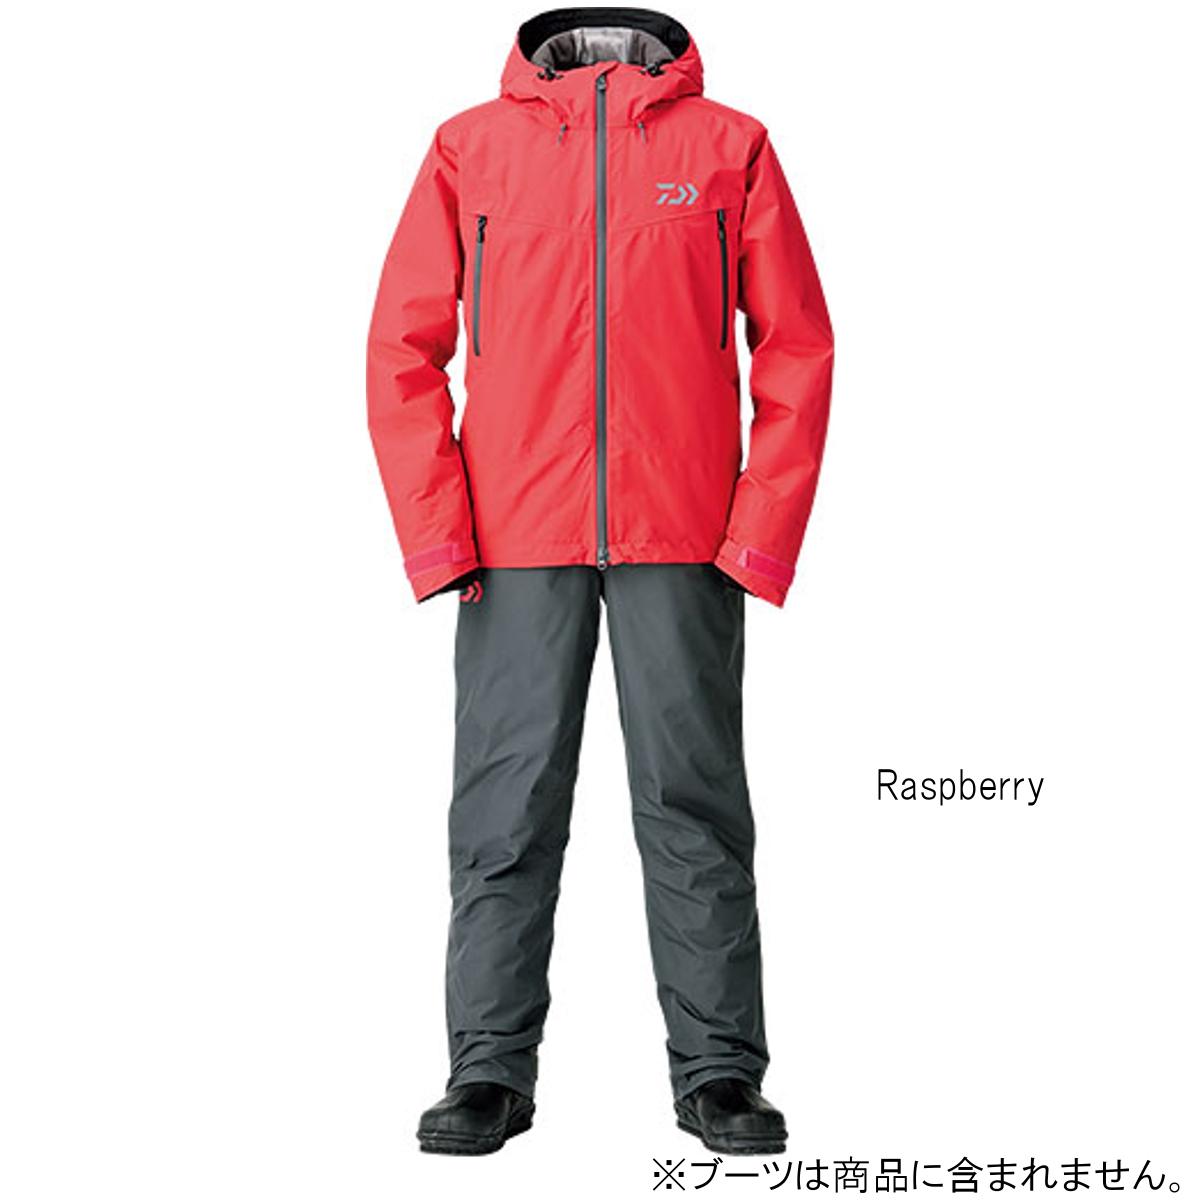 ダイワ ゴアテックス ファブリクス ウィンタースーツ DW-1908 L Raspberry(東日本店)